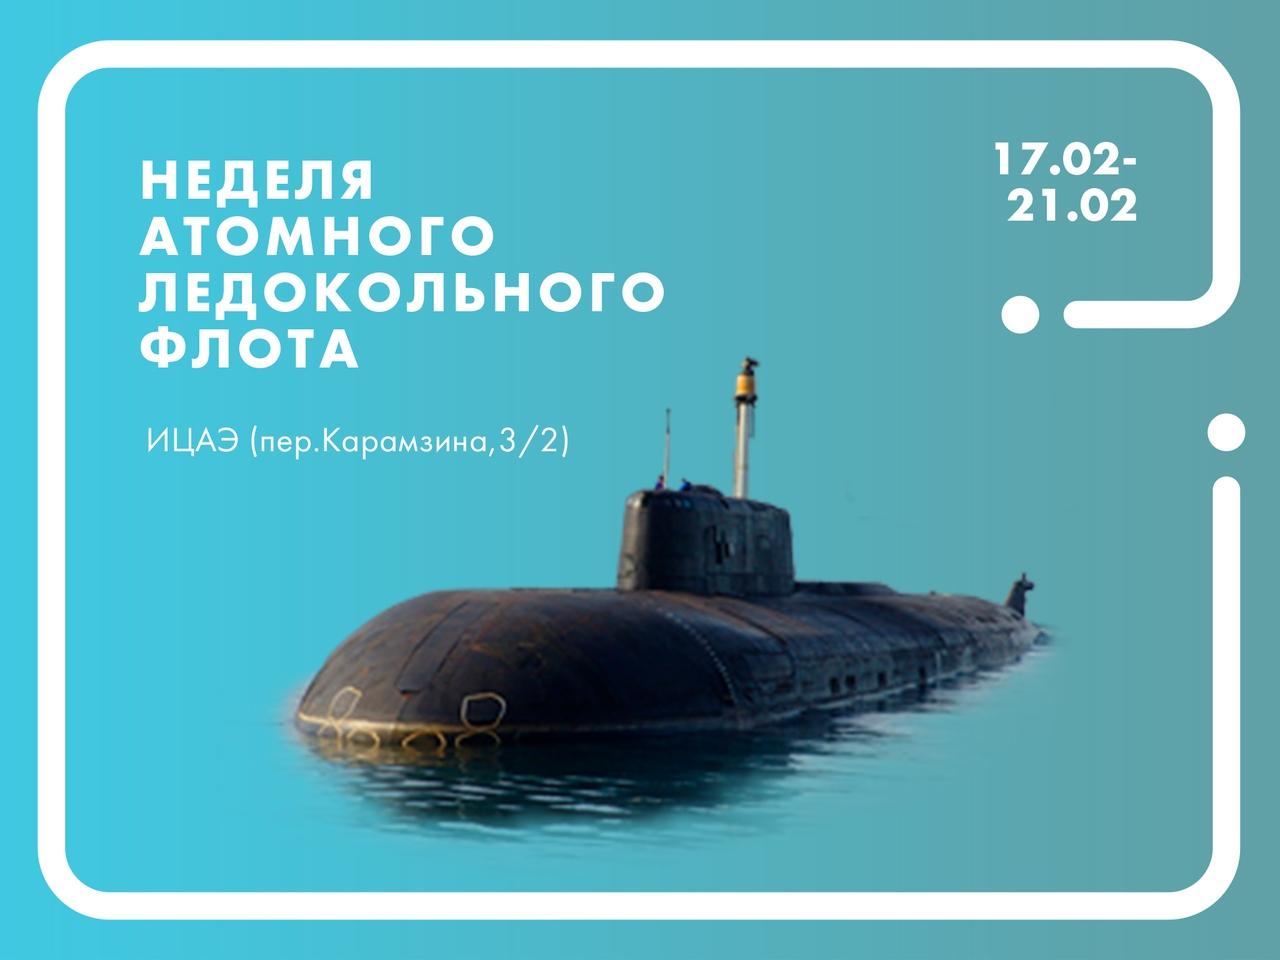 """Встреча """"Неделя атомного флота"""" в ИЦАЭ @ ИЦАЭ (пер. Карамзина 3)"""